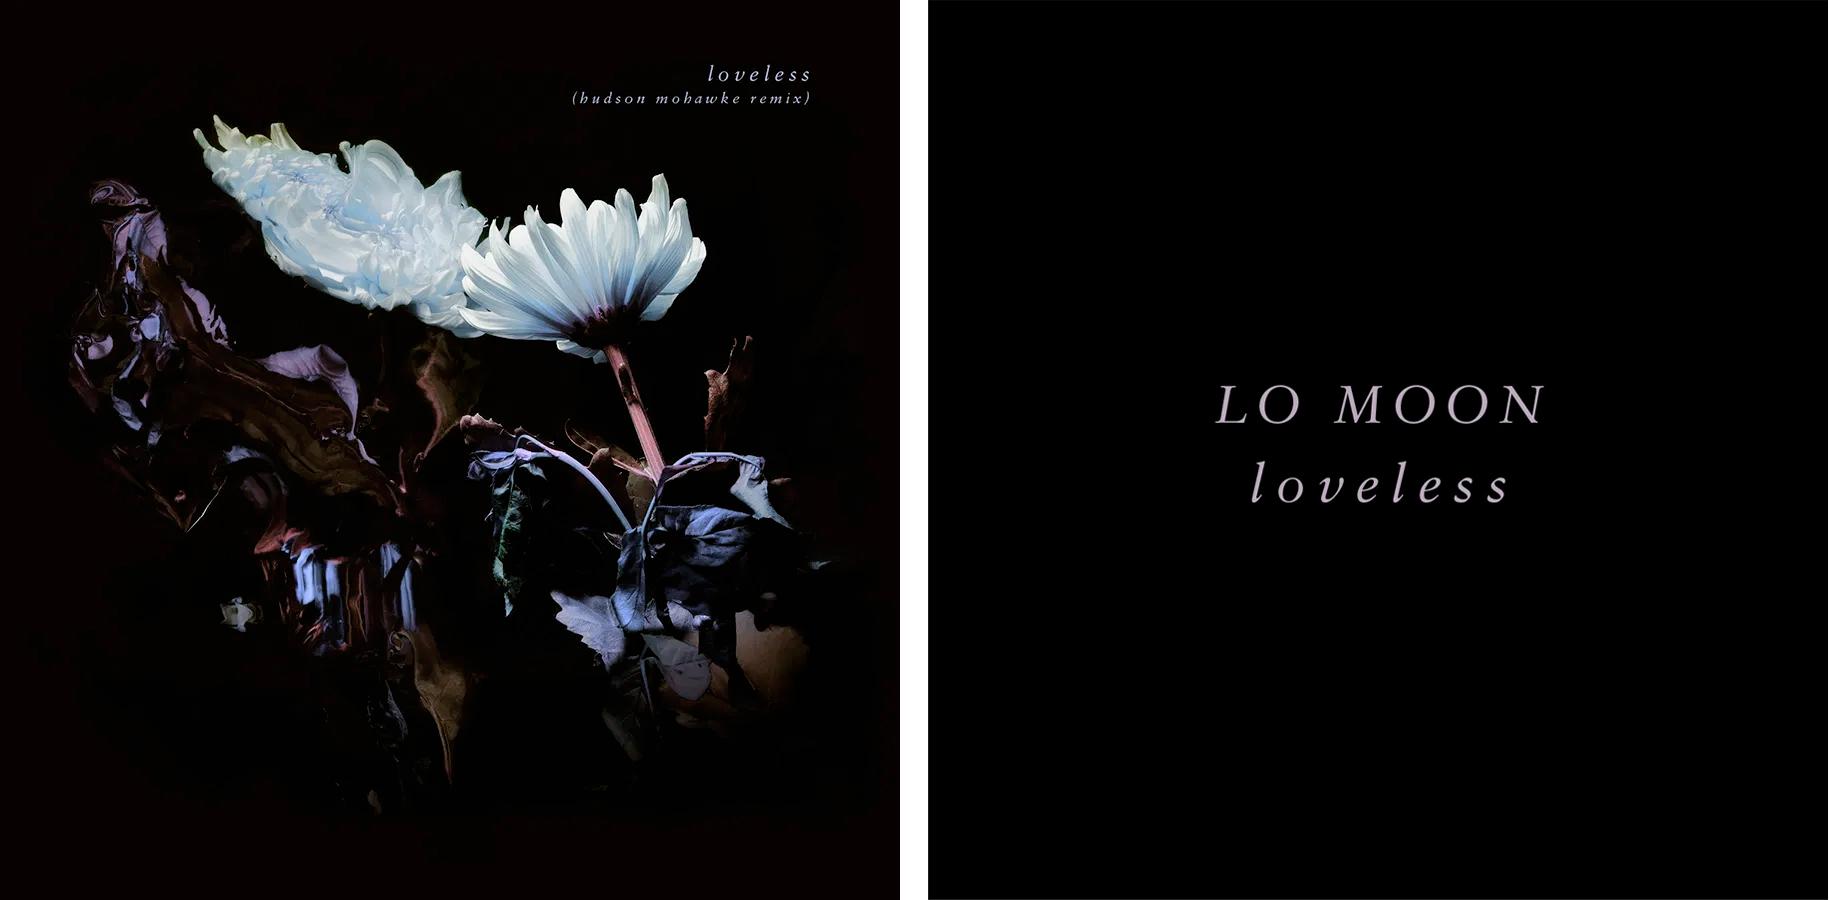 lo-moon-loveless-square-1